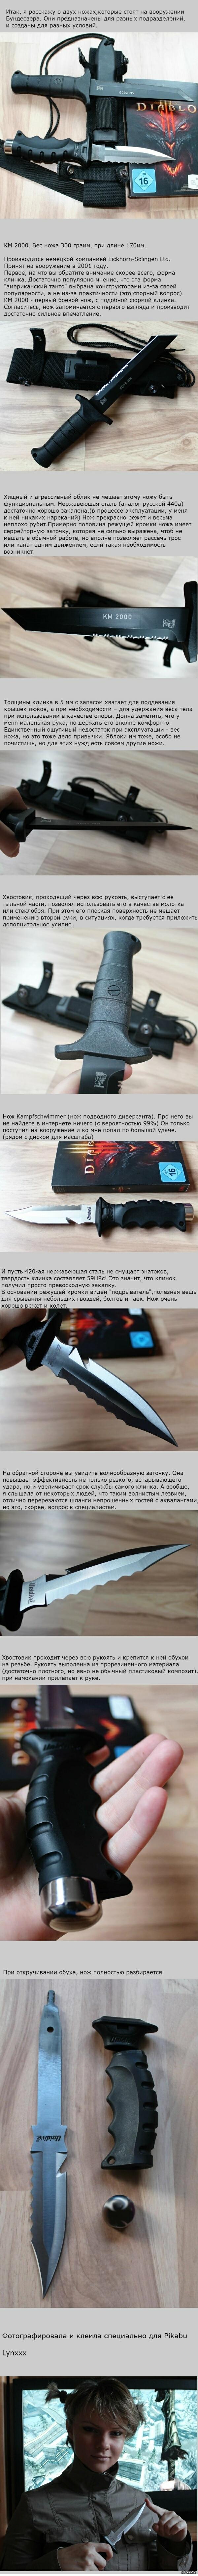 Современные ножи Бундесвера. Характеристики и фото современных ножей. Очень-очень длиннопост))